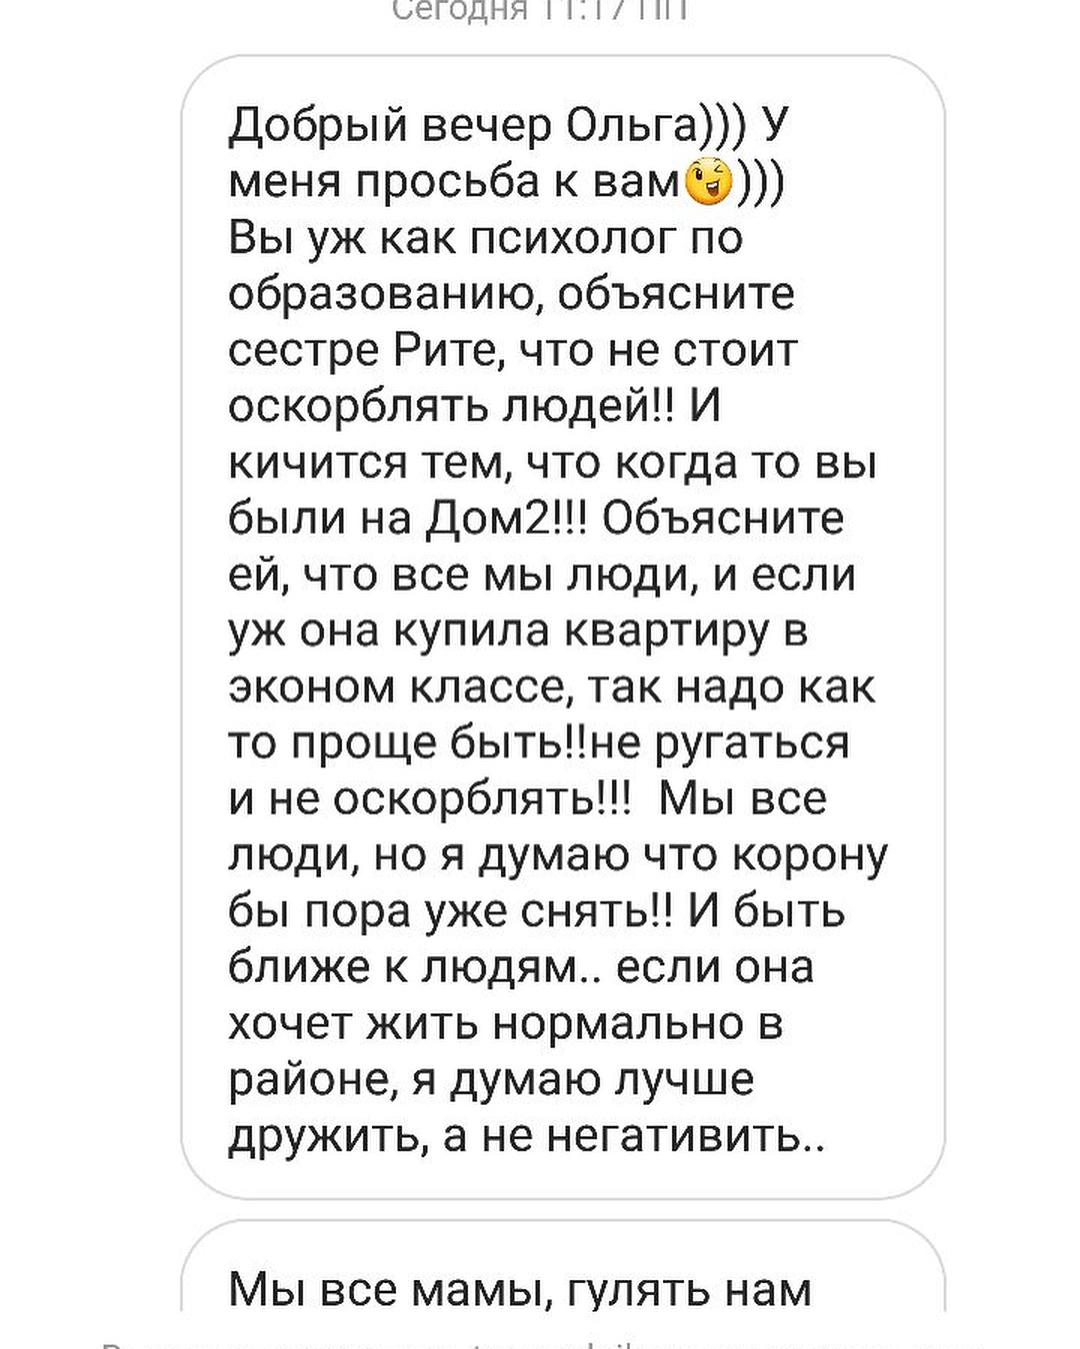 https://dom2life.ru/media/content/w1600/2018-02-14_11-05-32__d42ec94e-115d-11e8-aae8-002590aa0fe7.jpg